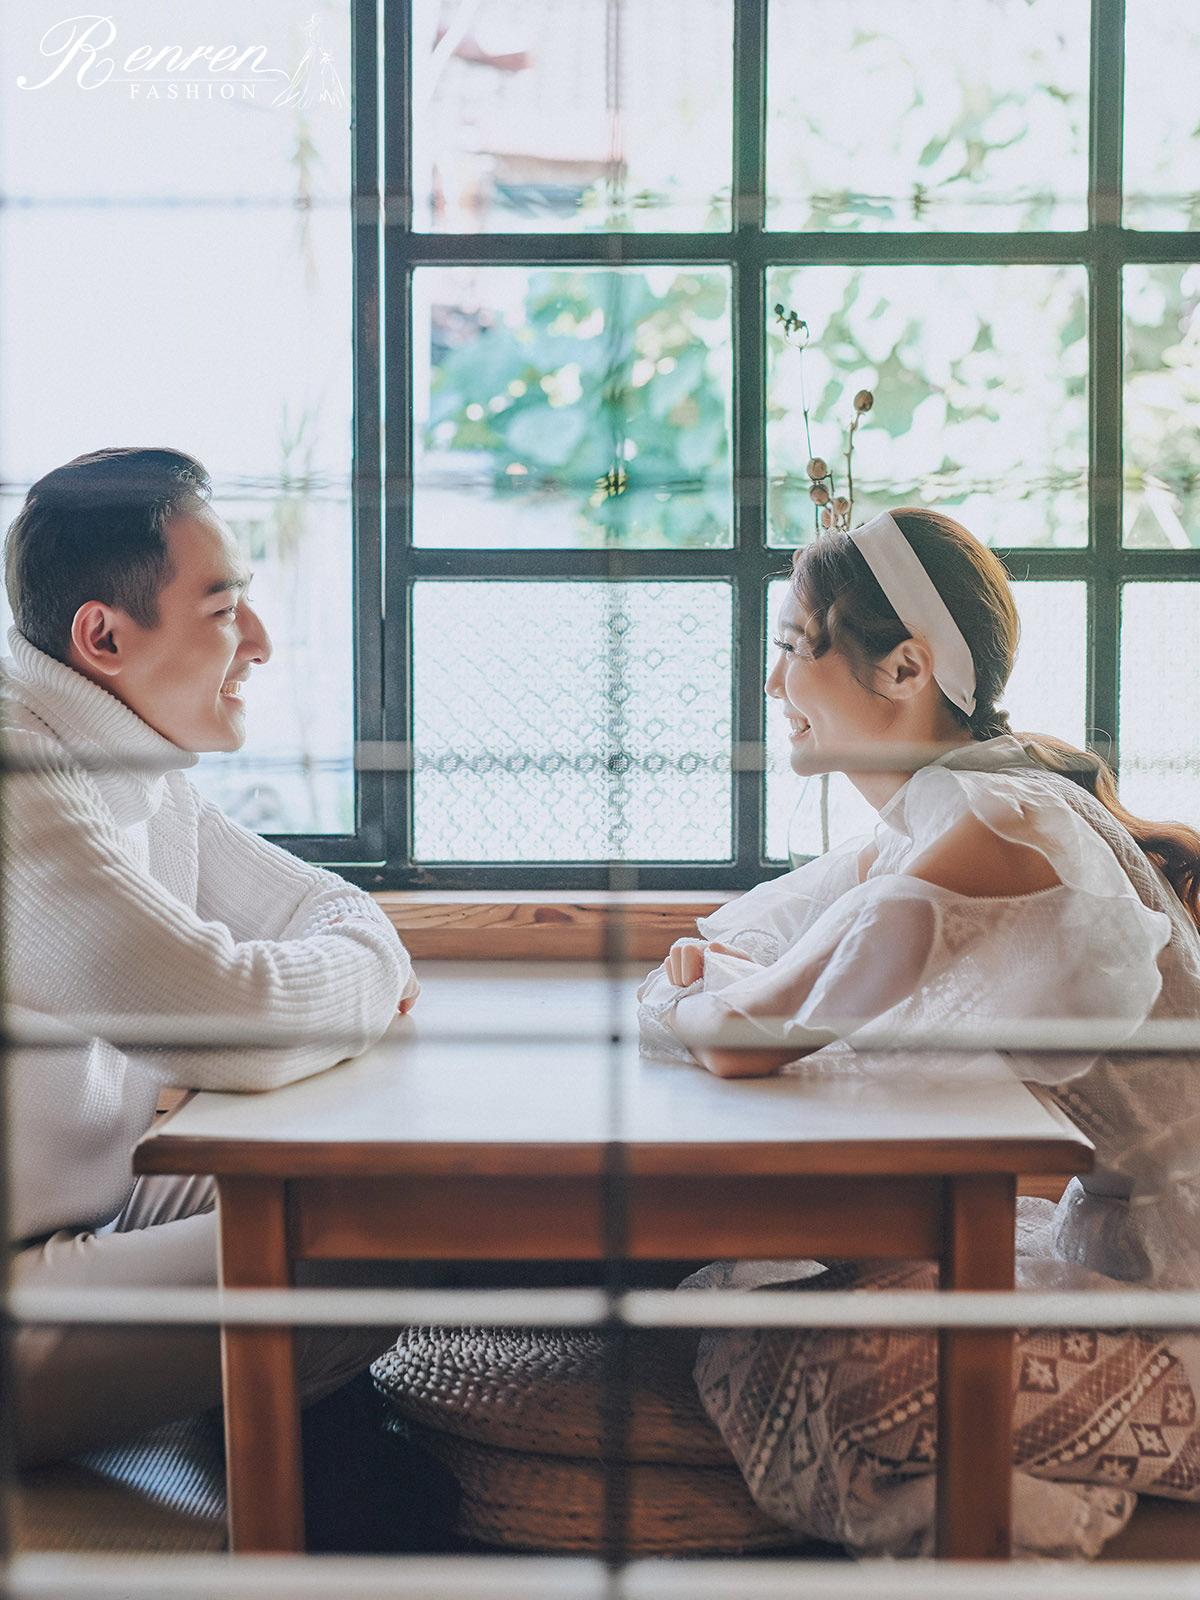 慕朵-魏沐-紀實婚紗-台中日式建築-戶方-老屋-冉冉婚紗-19